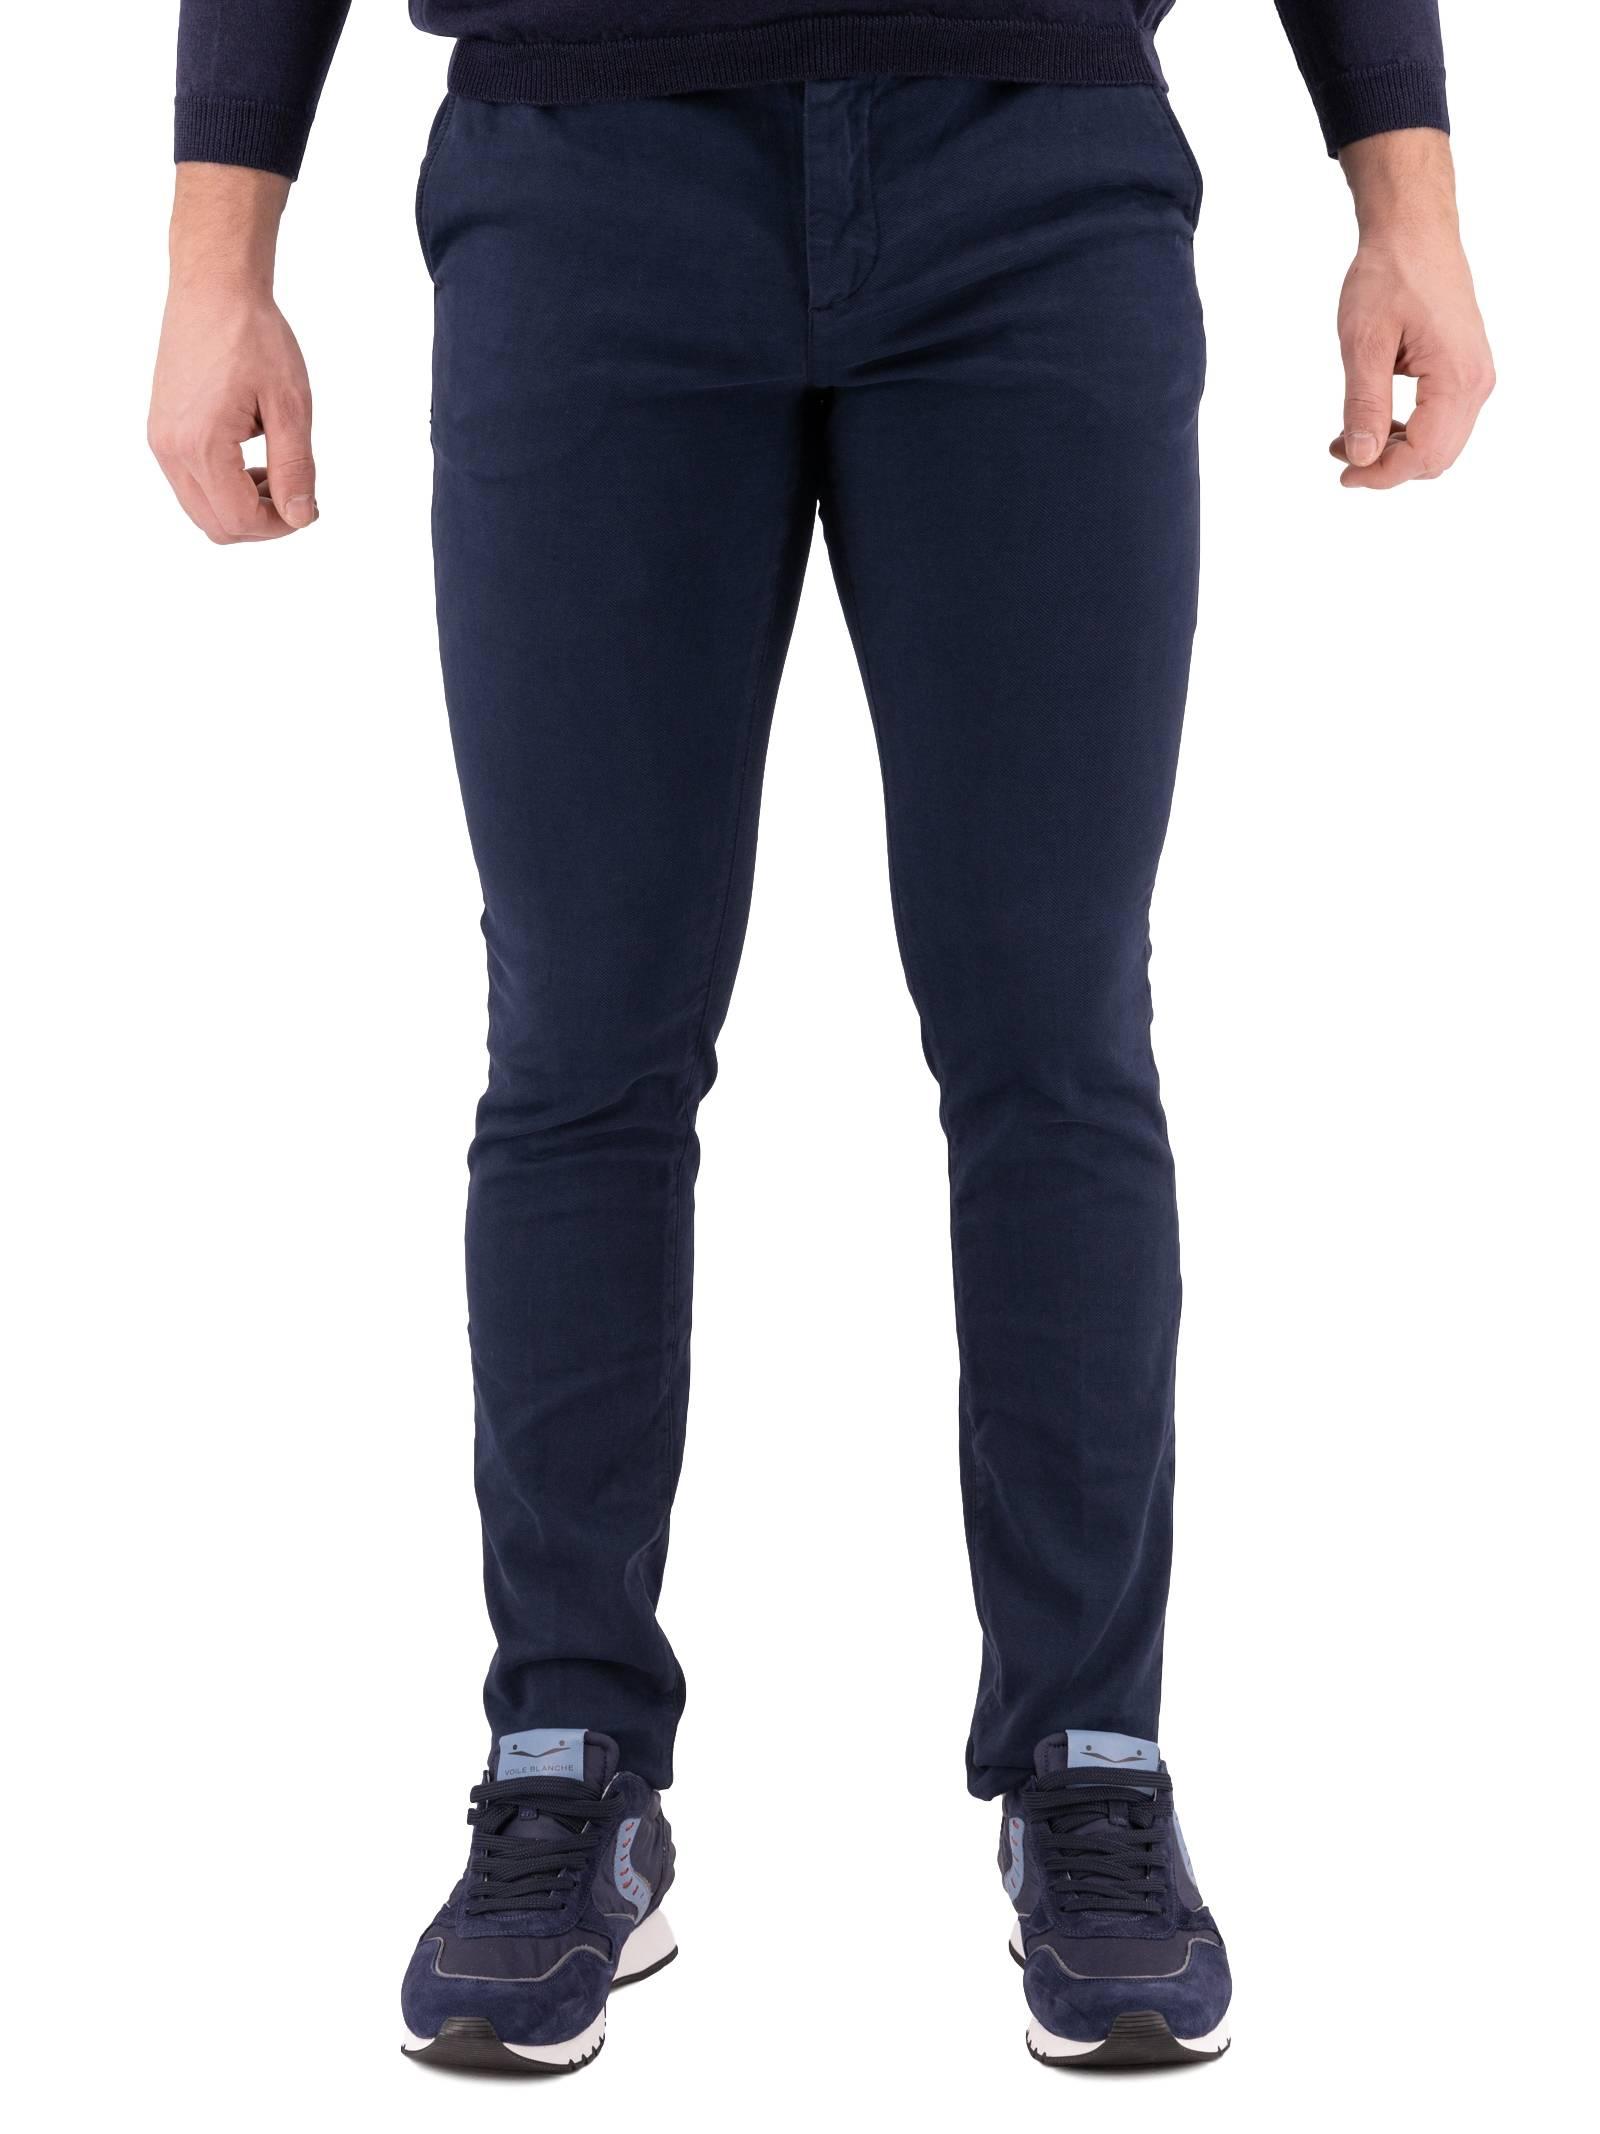 Teleria Zed Pantalone Robin F17 QZU